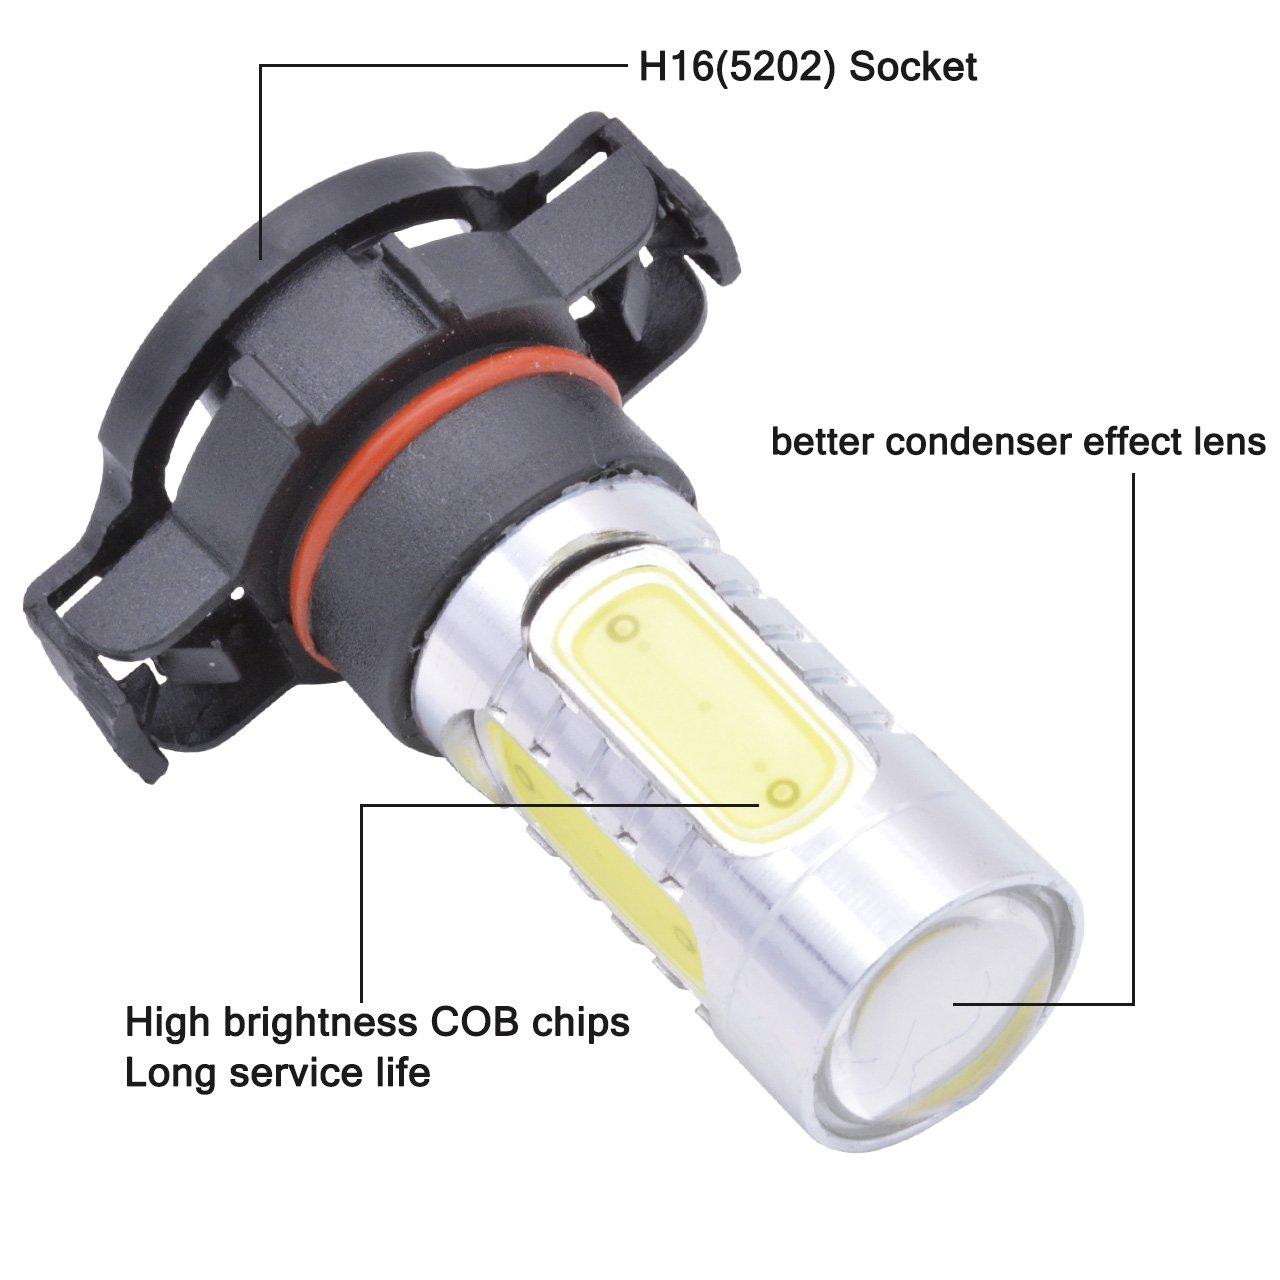 2-Pack KaTur 1600 Lumens 7.5W COB 9005 HB3 H10 9145 9140 LED Aluminum Fog Lights DRL Turn Signals Light Bulbs Day Running Light 12V White 6000K